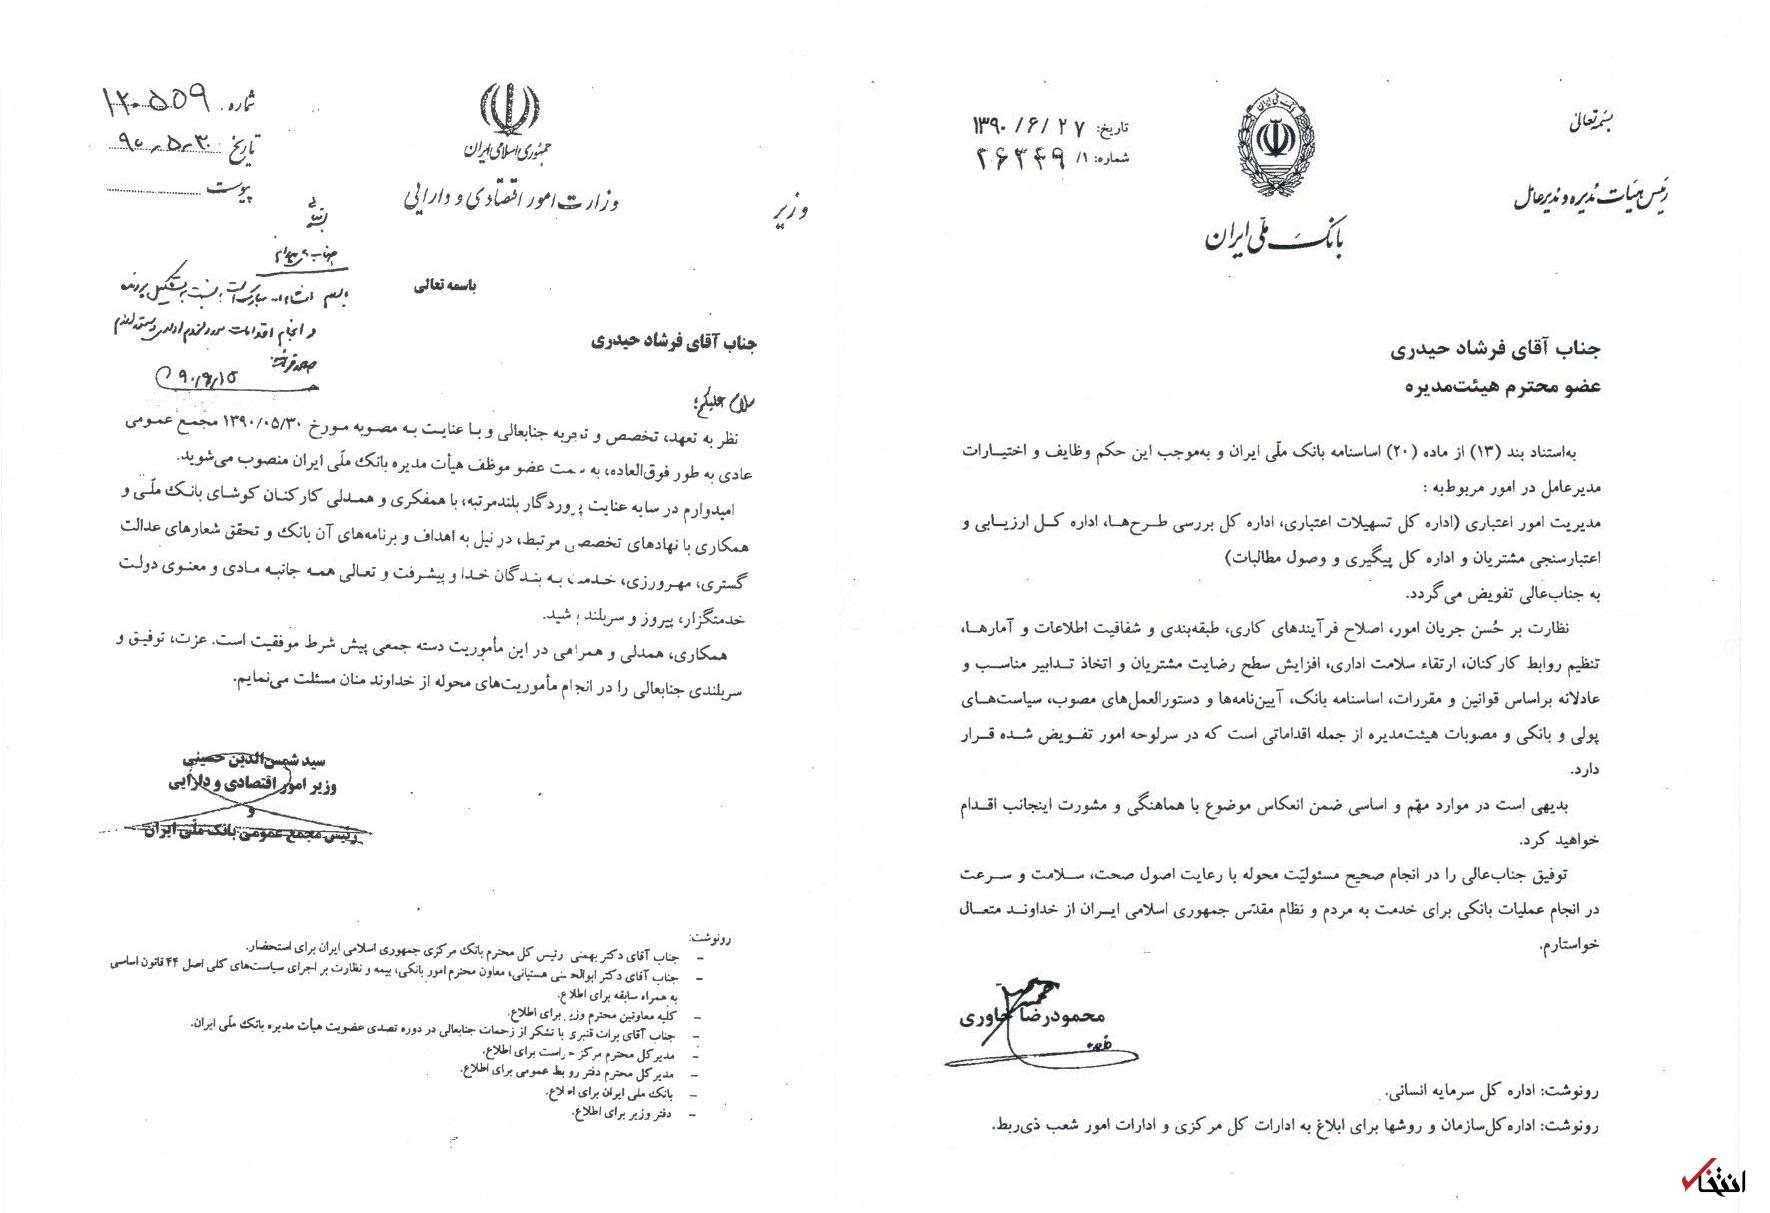 جانشین خاوری در دولت احمدینژاد ، در دولت روحانی چه میکند؟/از کارشناس اعتباری یک شعبه بانک تجارت در یک شهرستان، تا جانشینی خاوری و حالا، معاونت بانک مرکزی!/ ریشه نارضایتی بانکها از عملکرد بانک مرکزی کجاست؟